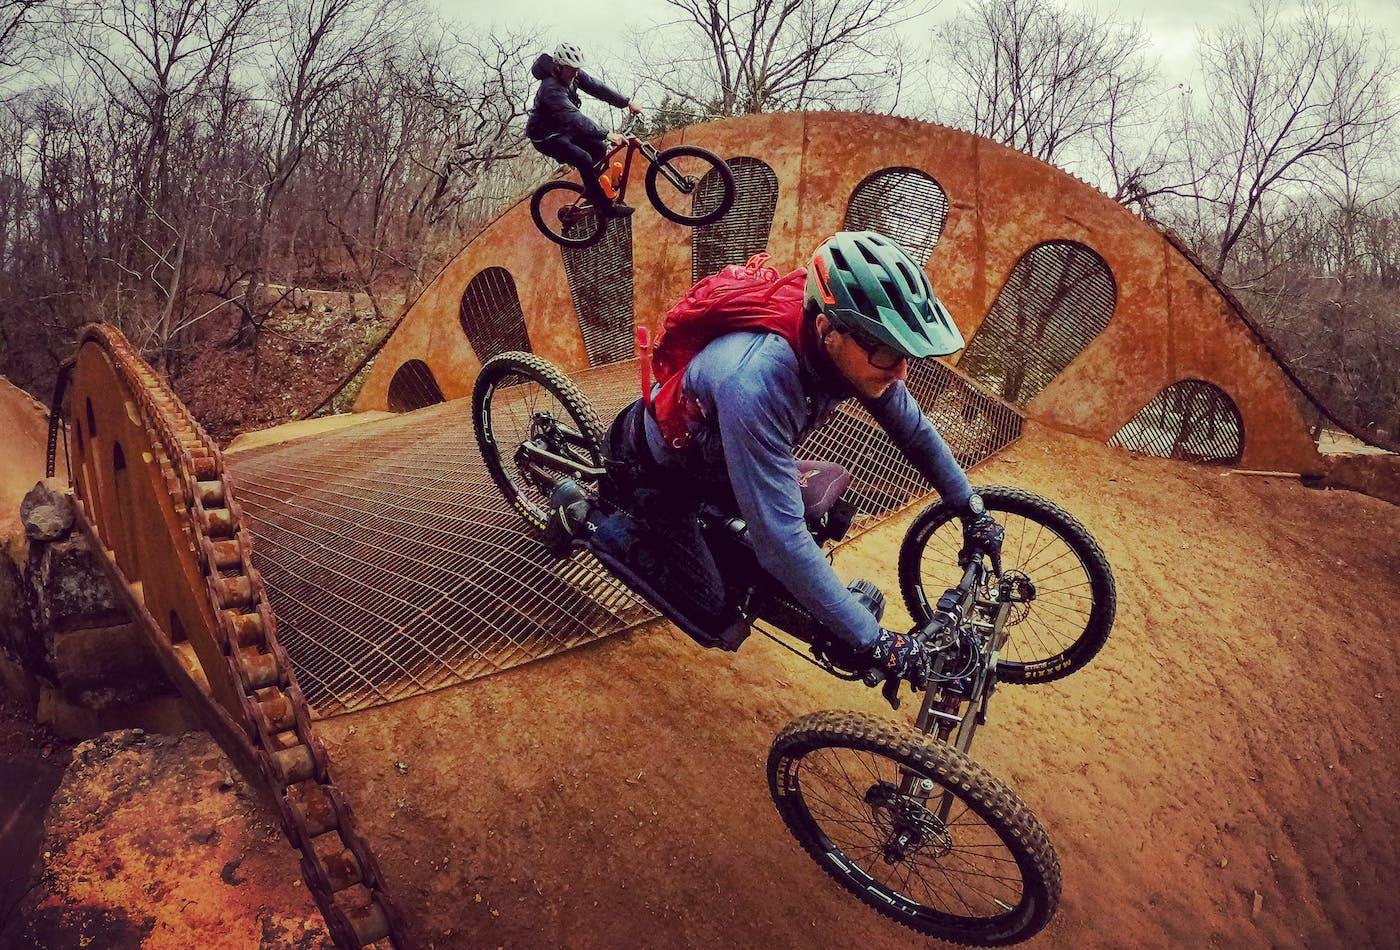 Jeremy McGhee rides his Sport-On adaptive mountain bike in Bentonville, Arkansas.